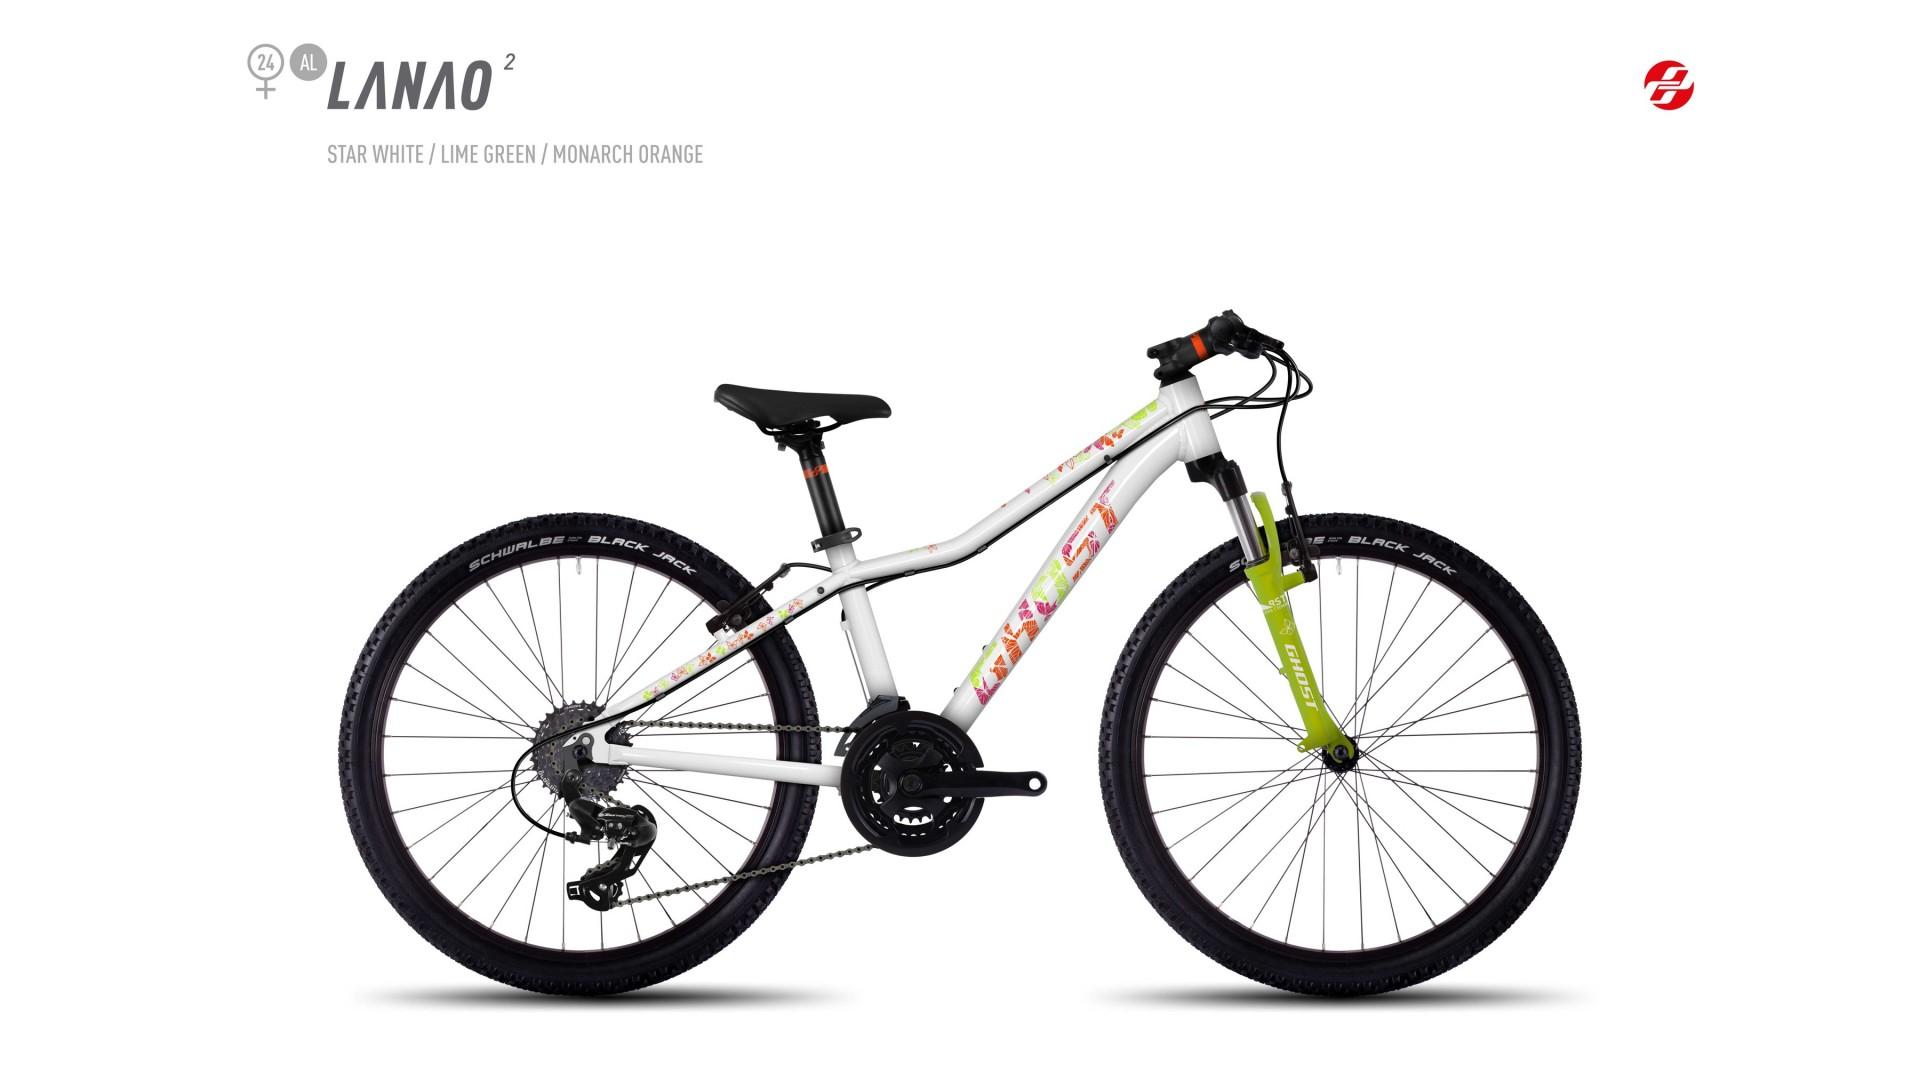 Велосипед GHOST Lanao 2 AL 24 starwhite/limegreen/monarchorange год 2017